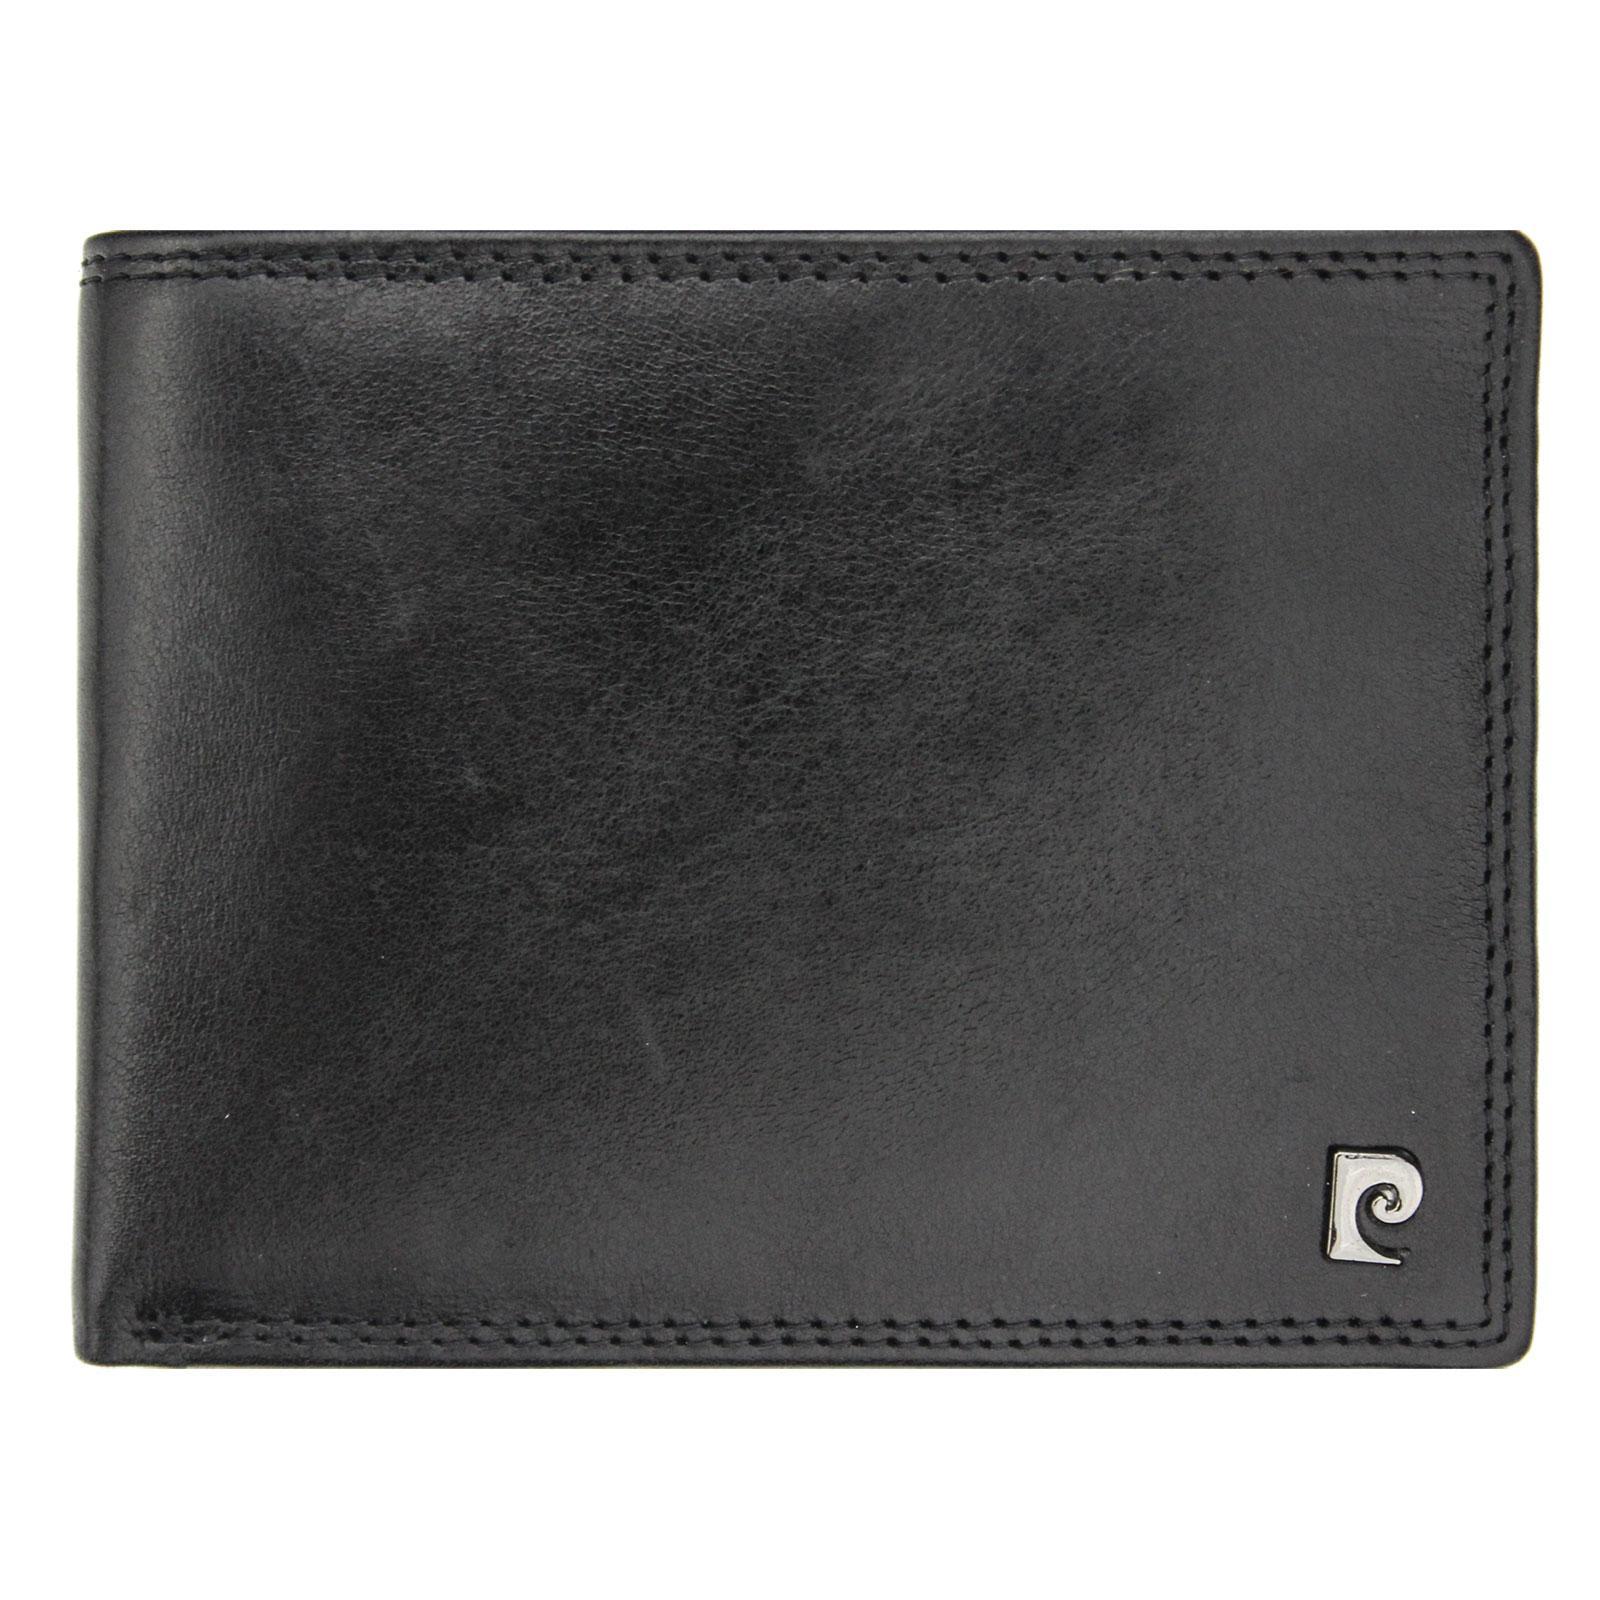 Kožená pánska peňaženka Pierre Cardin EKO05 8806